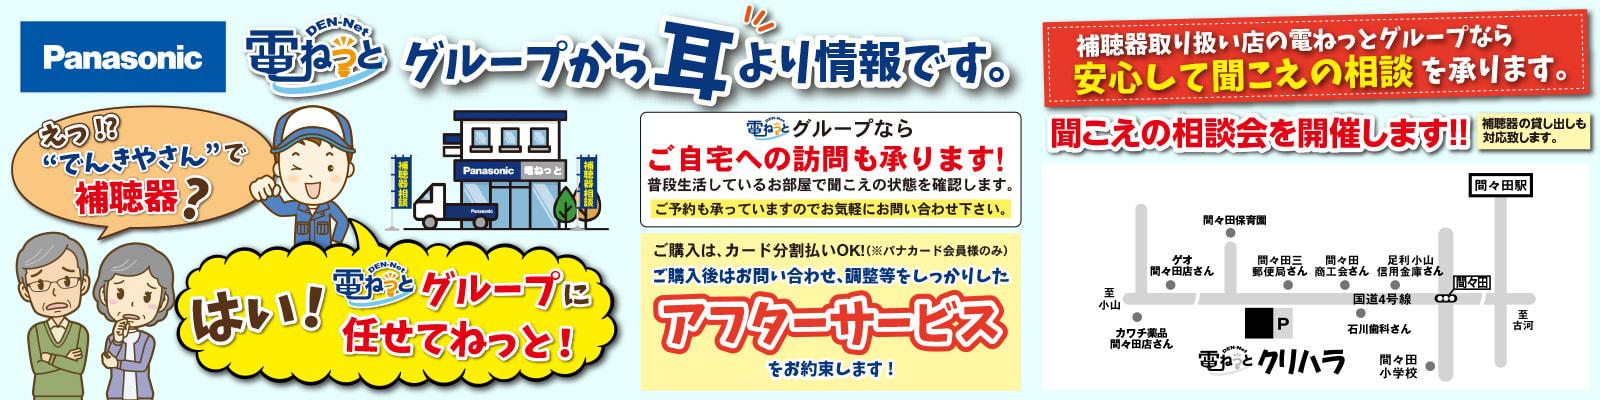 1600x400_kurihara-3.jpg